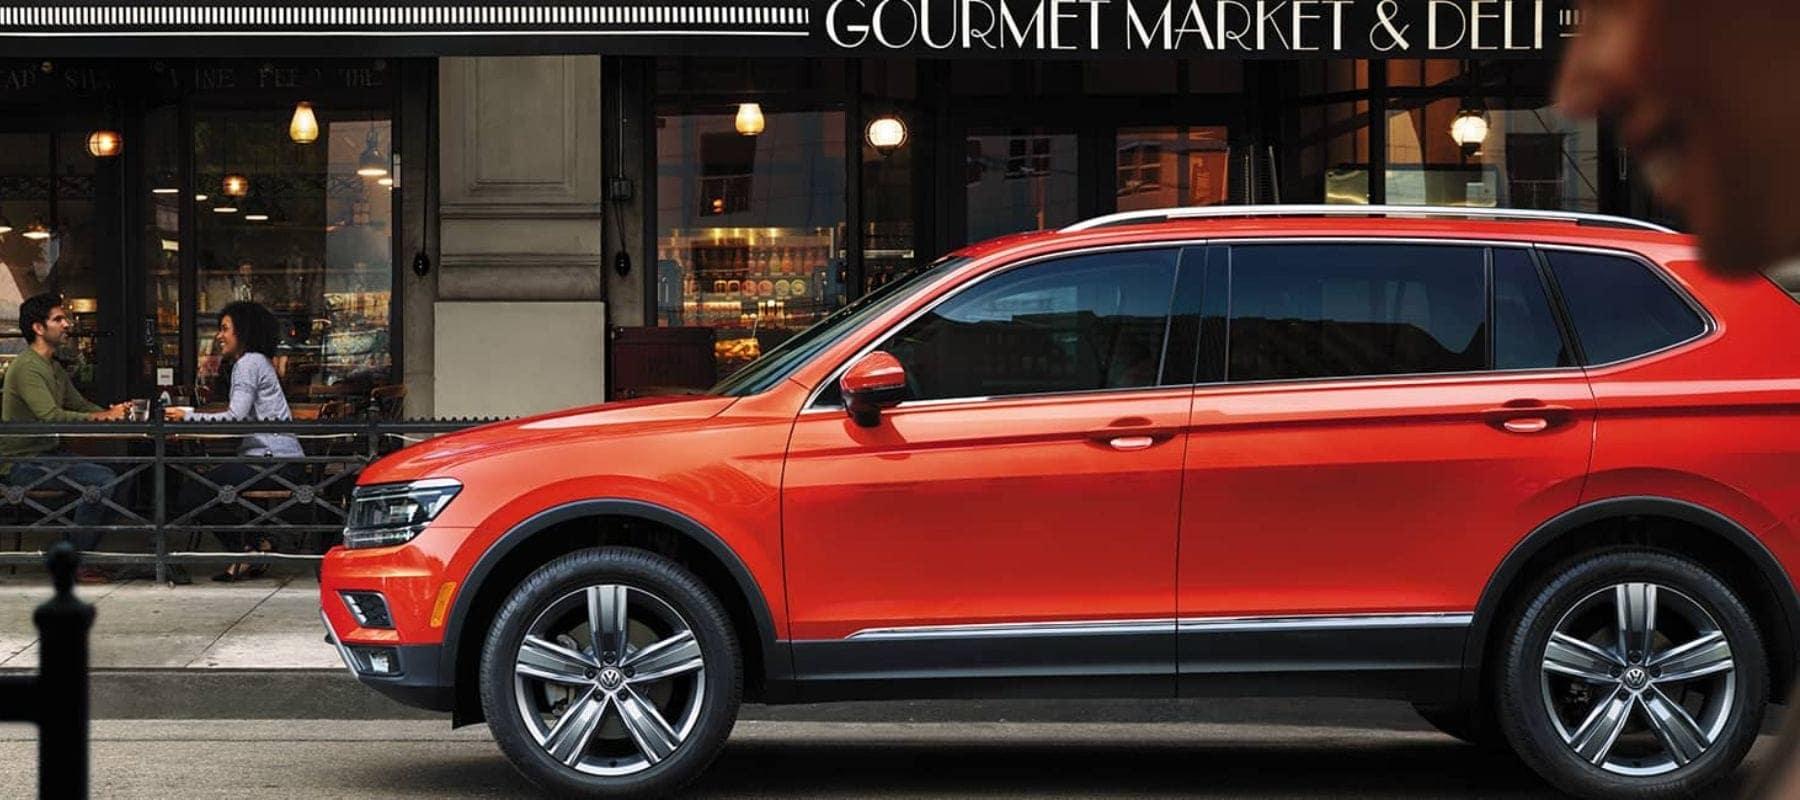 2018 Volkswagen Tiguan Vs 2017 Volkswagen Touareg